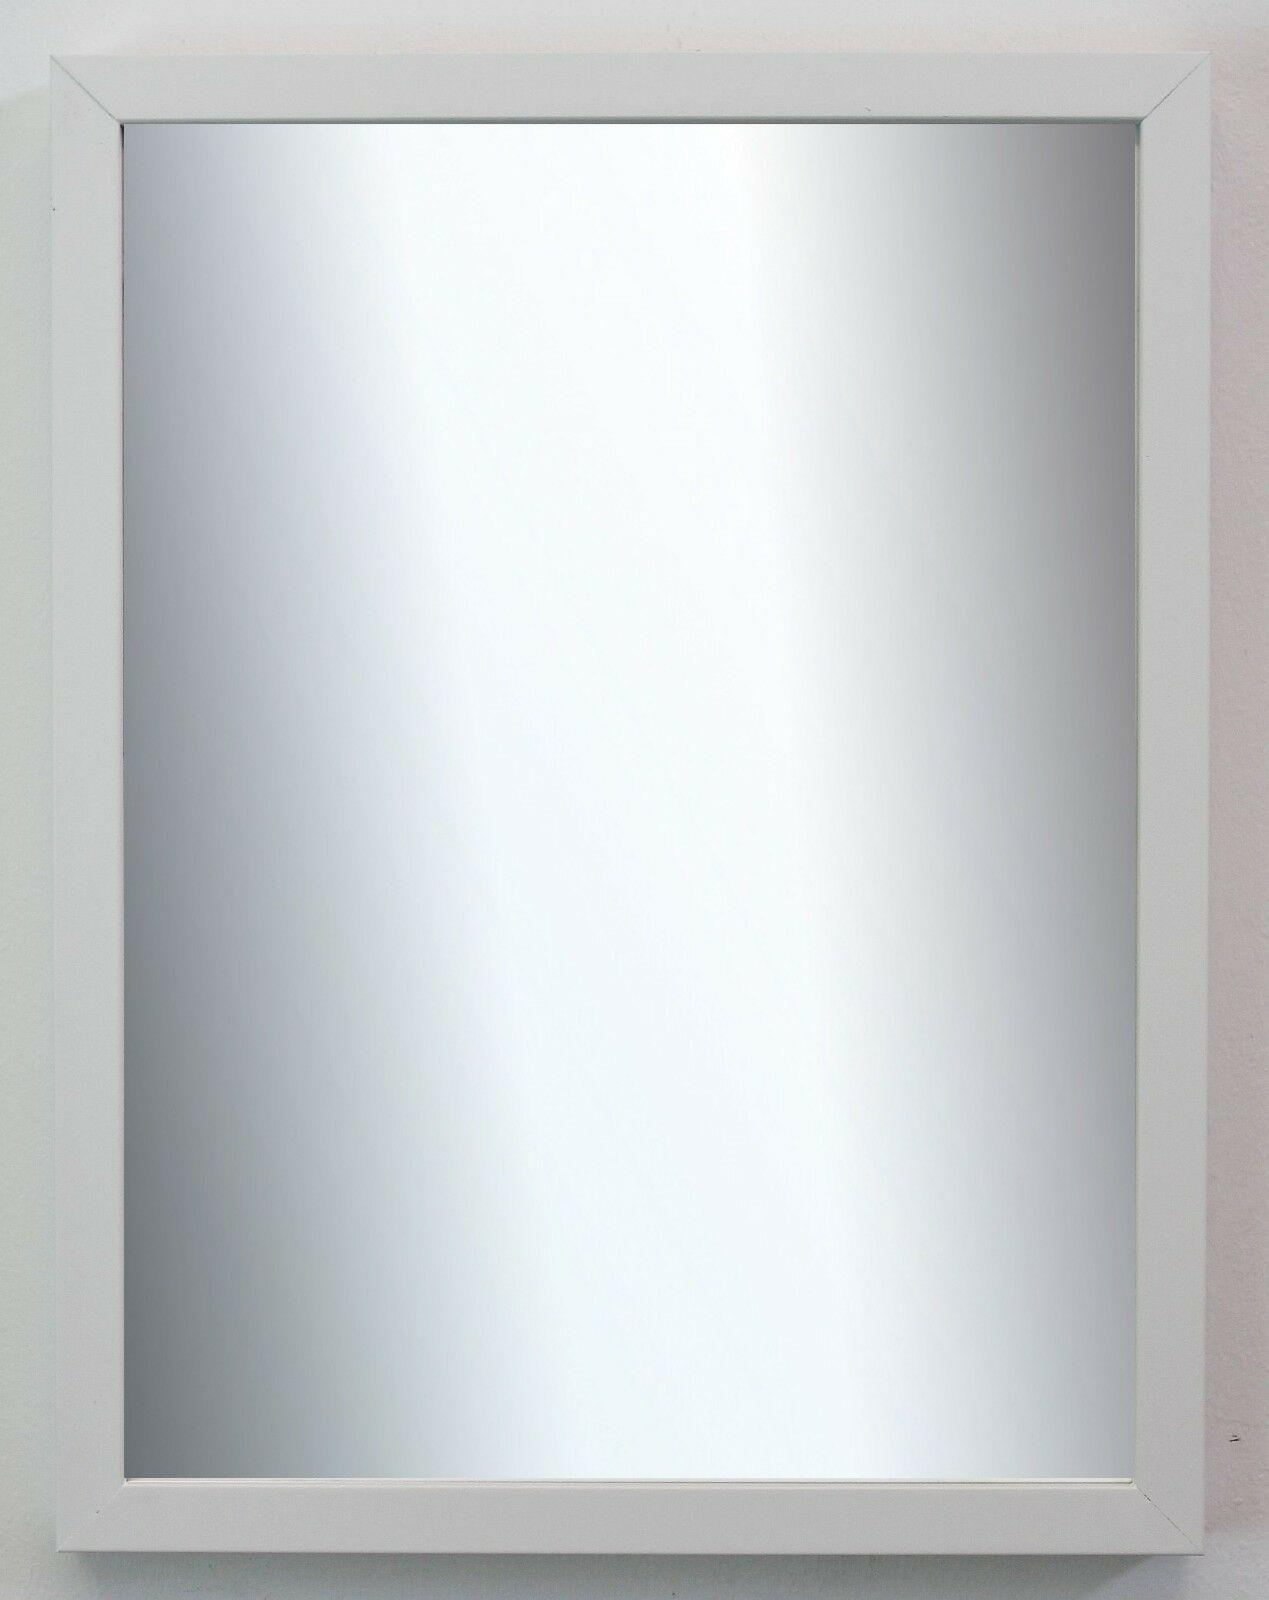 Spiegel Wandspiegel Badspiegel Flur Modern Shabby Vintage Como Weiss 2, 0